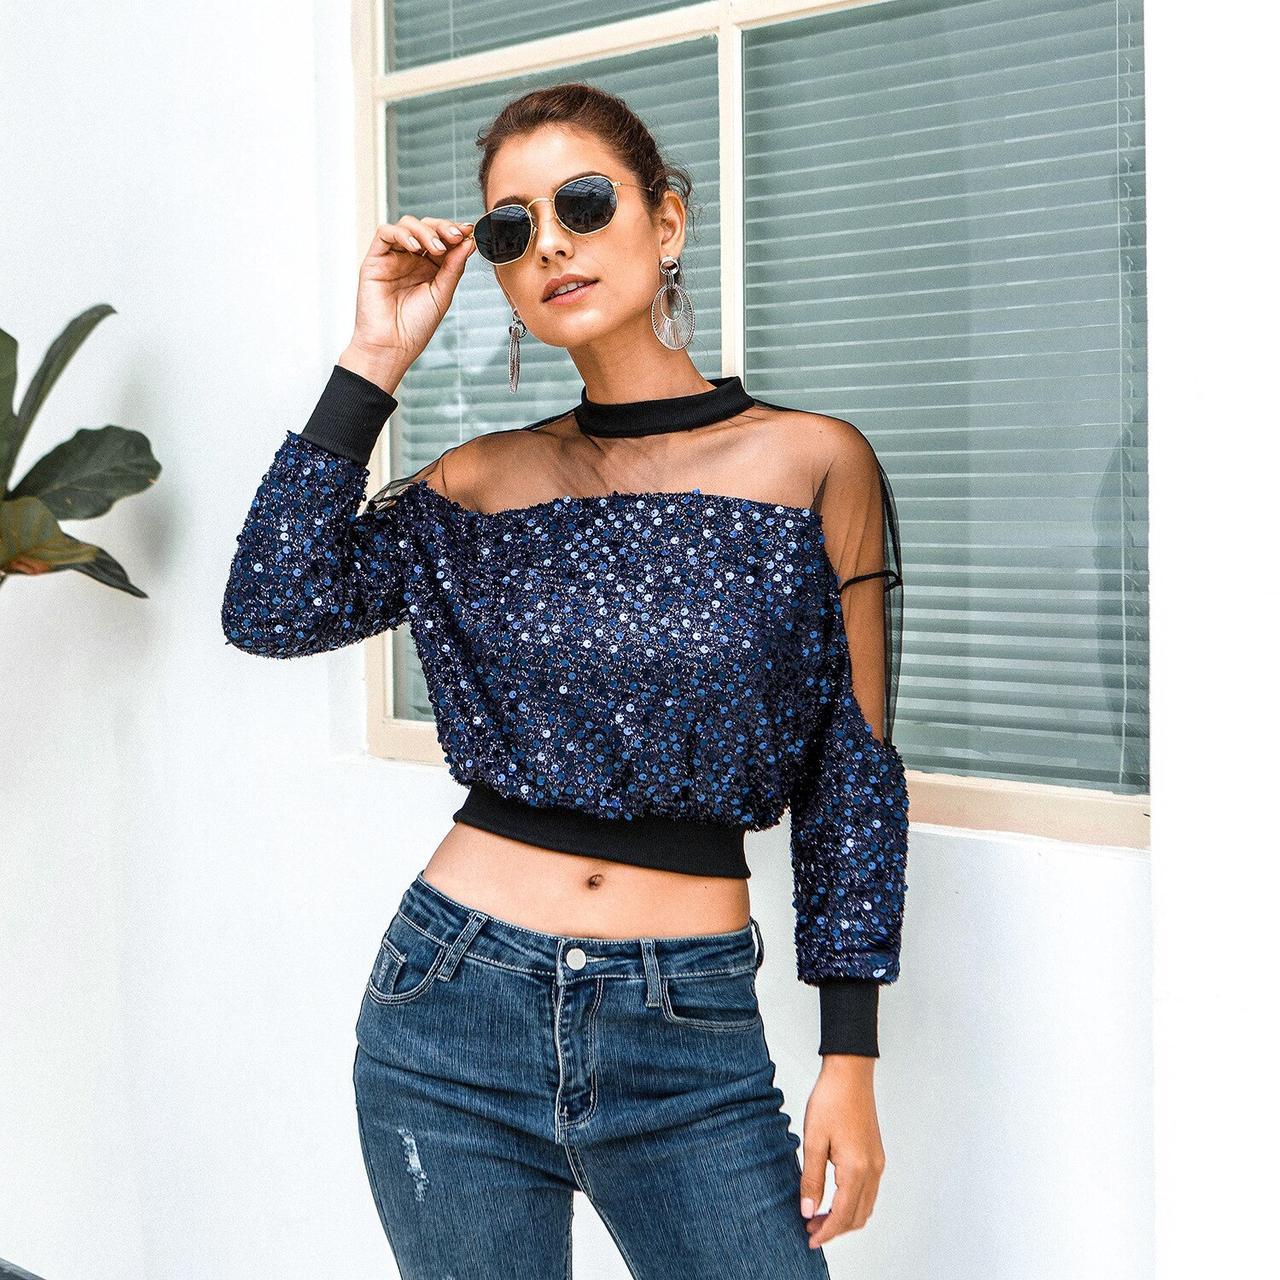 Блестящая блузка с прозрачными плечами 42-46 (в расцветках)